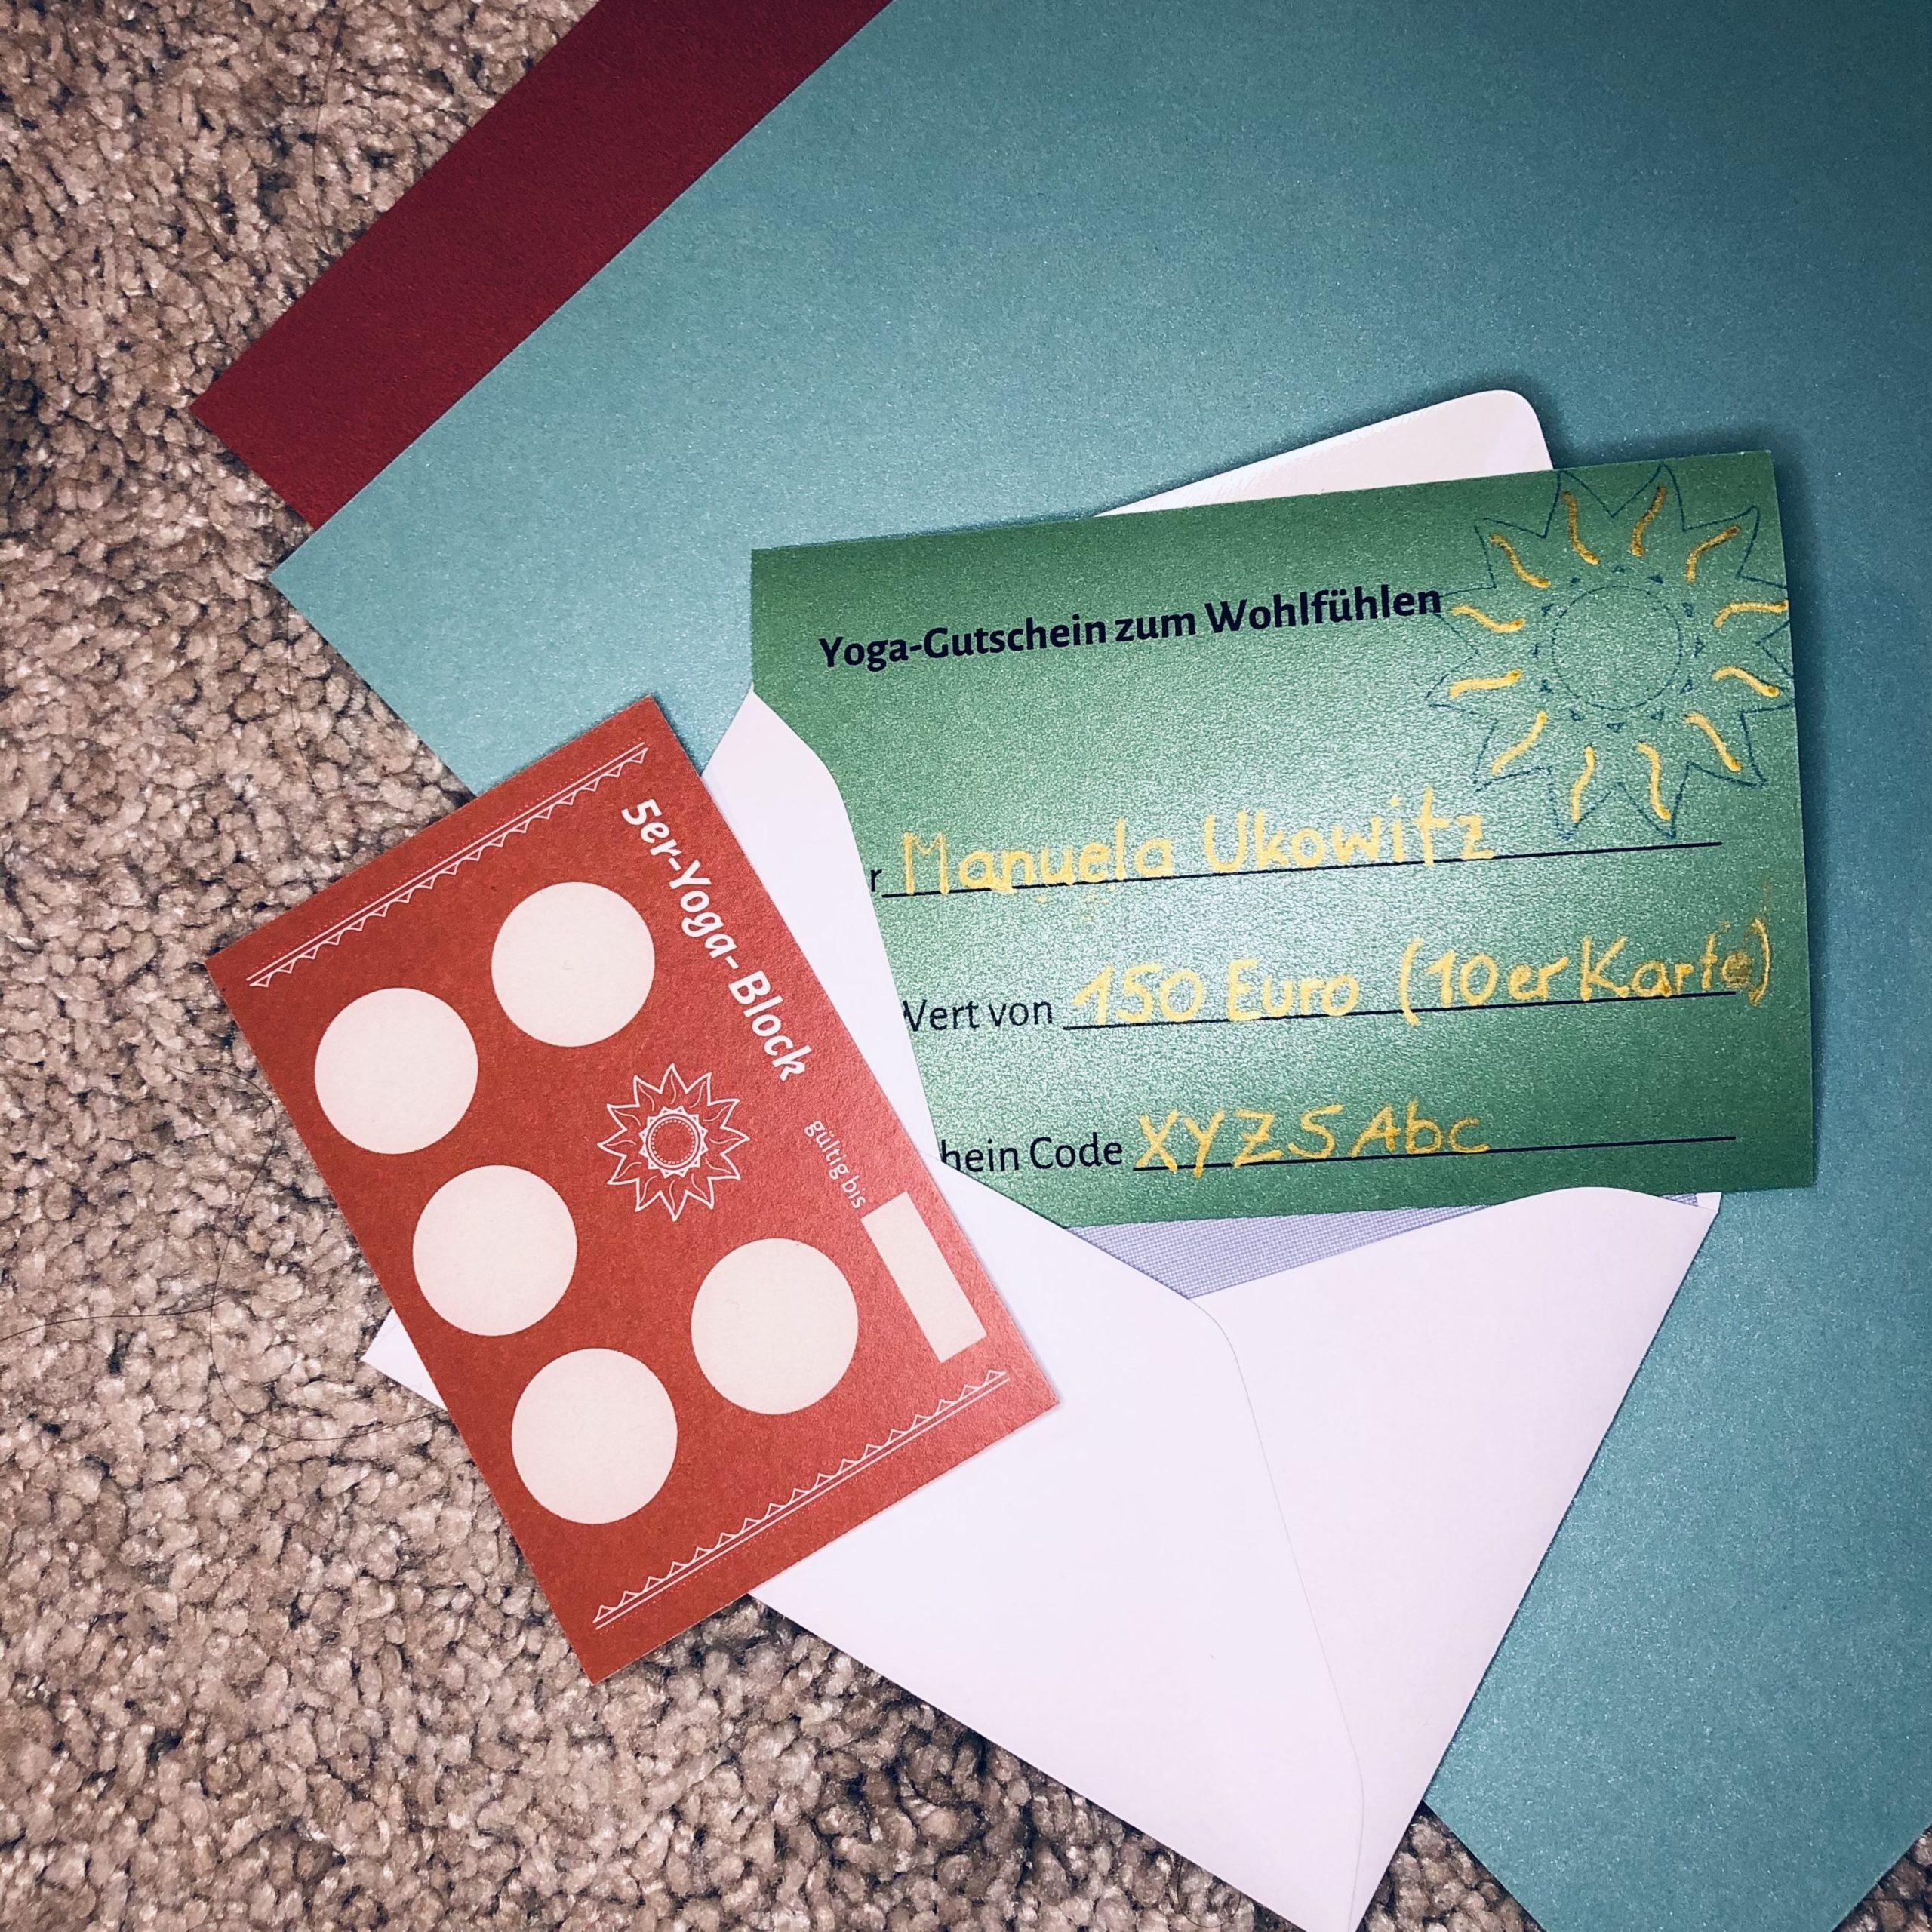 Weihnachts-Gutschein handbeschriftet, Tonpapier, Kuvert, 5er-Blockkarte